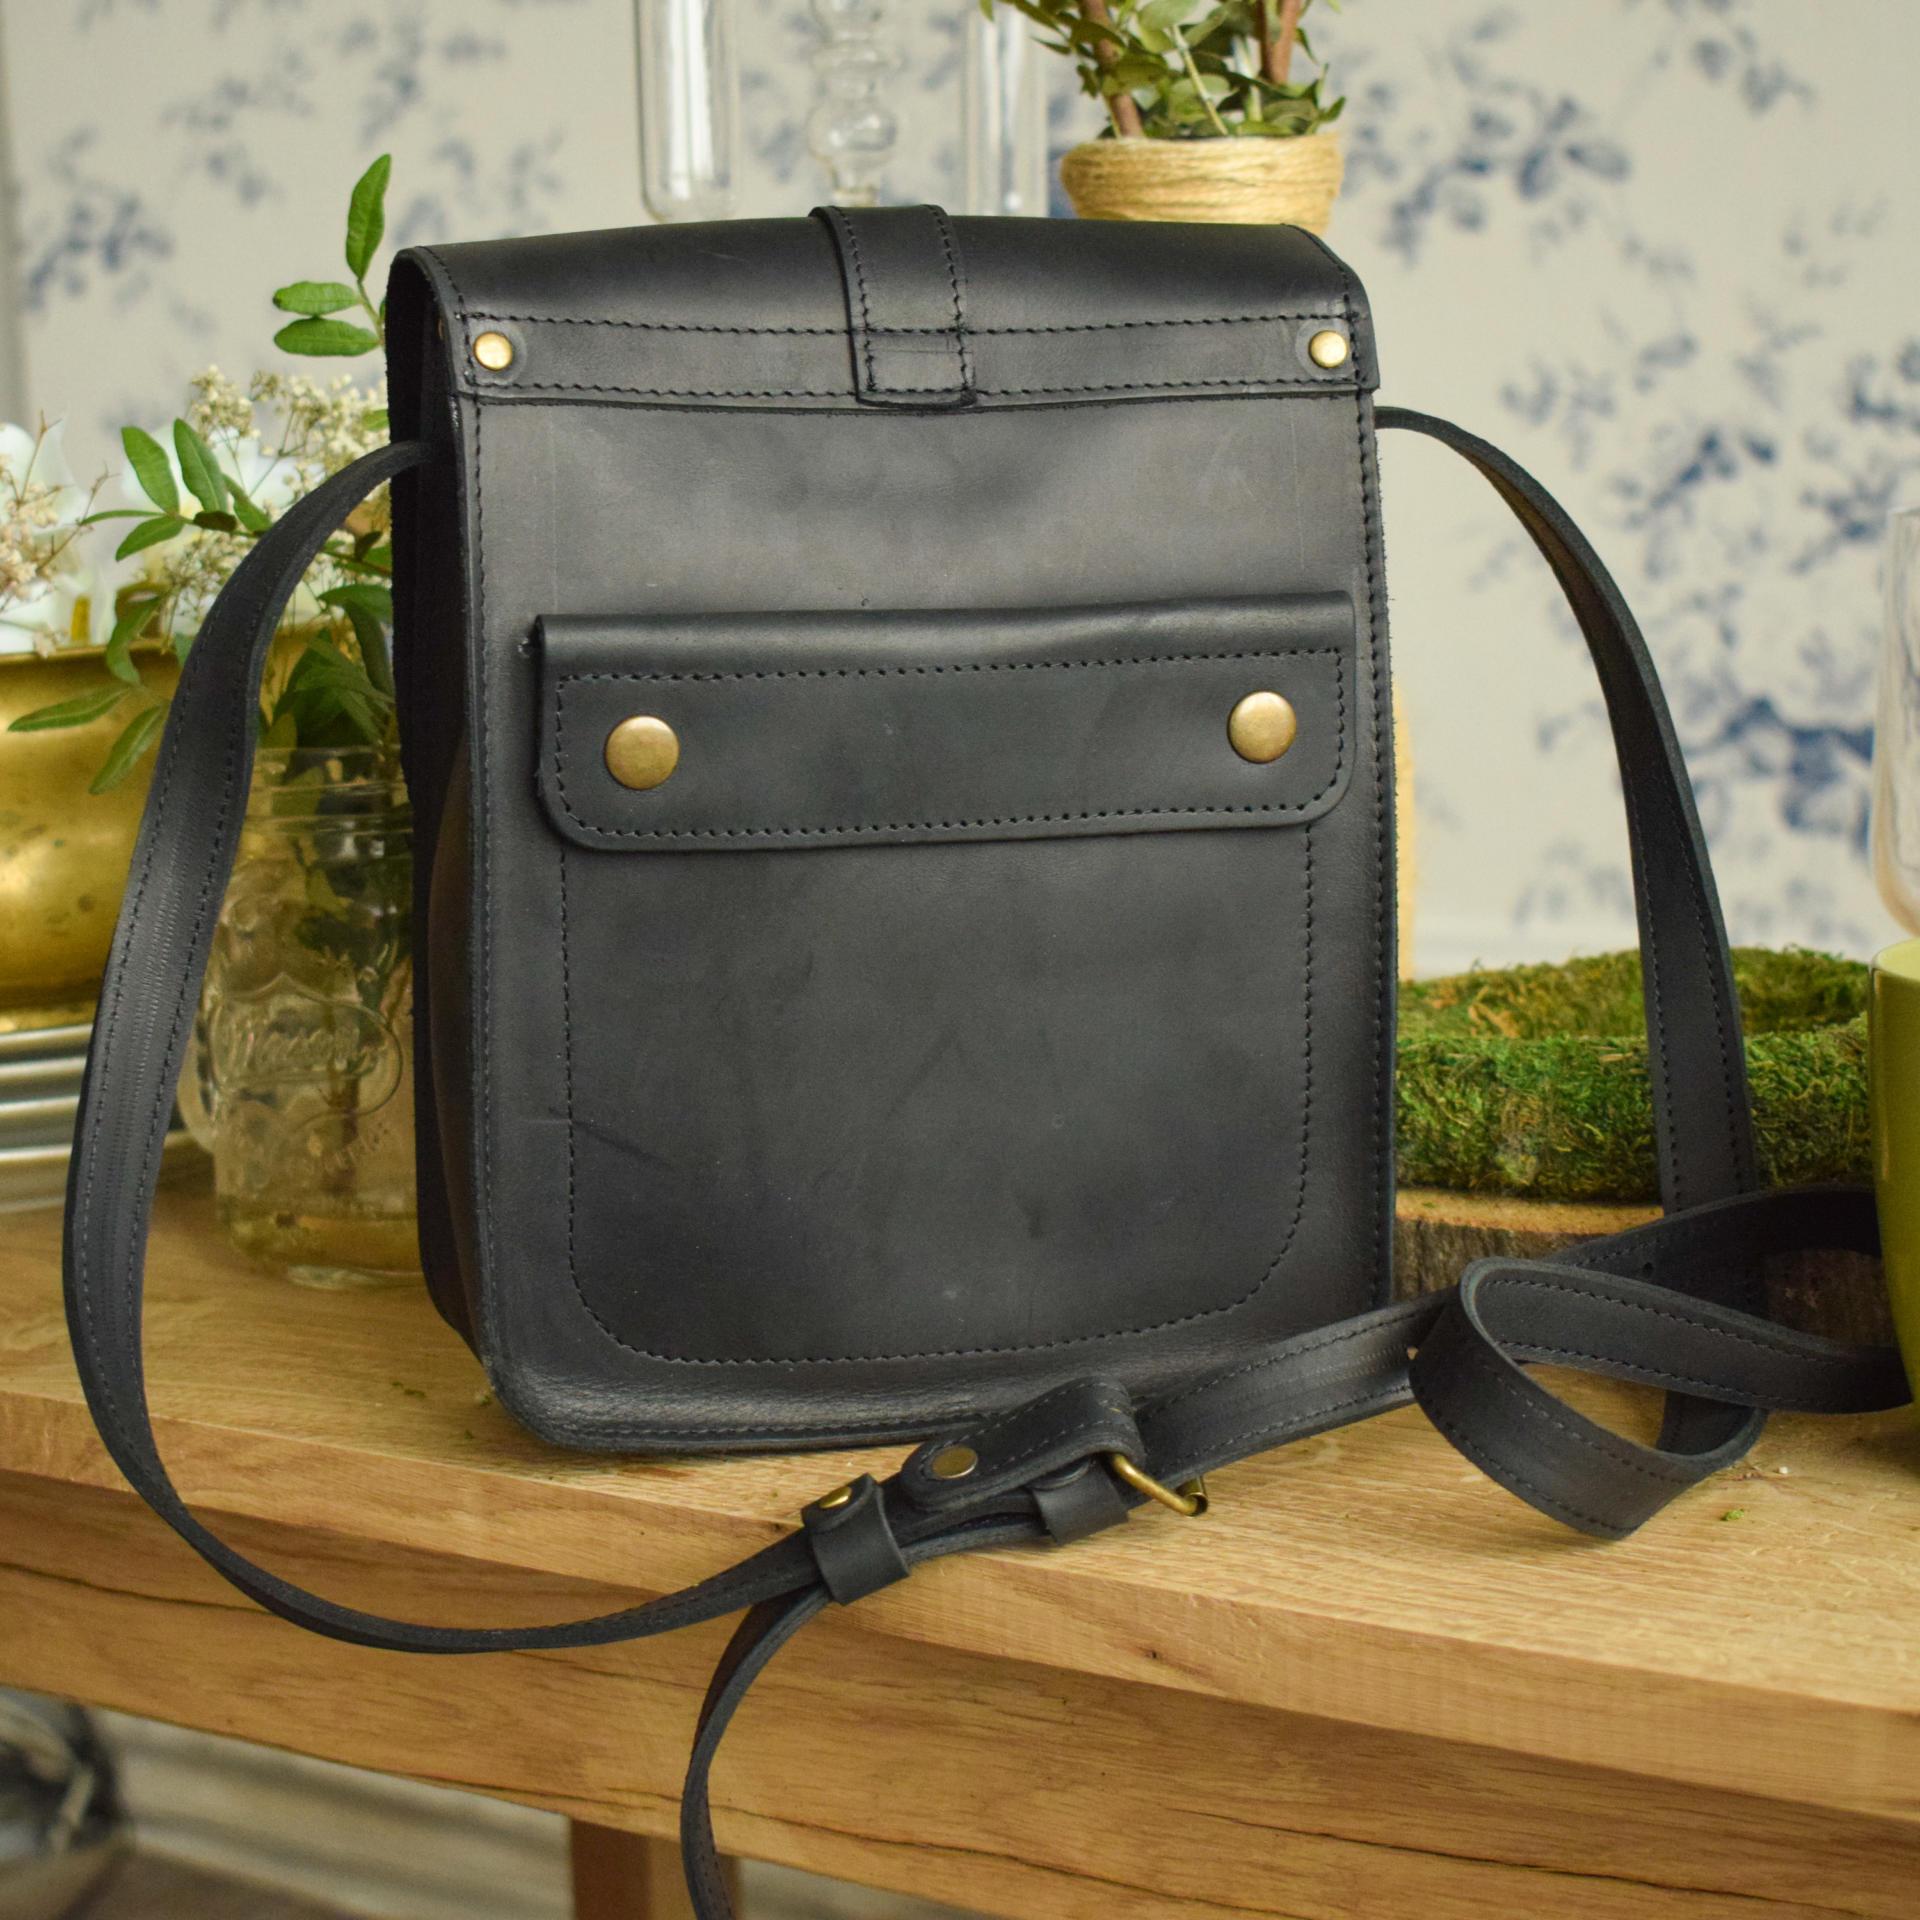 24e7fc06fed4 Мужская кожаная сумка из натуральной кожи – купить недорого ...